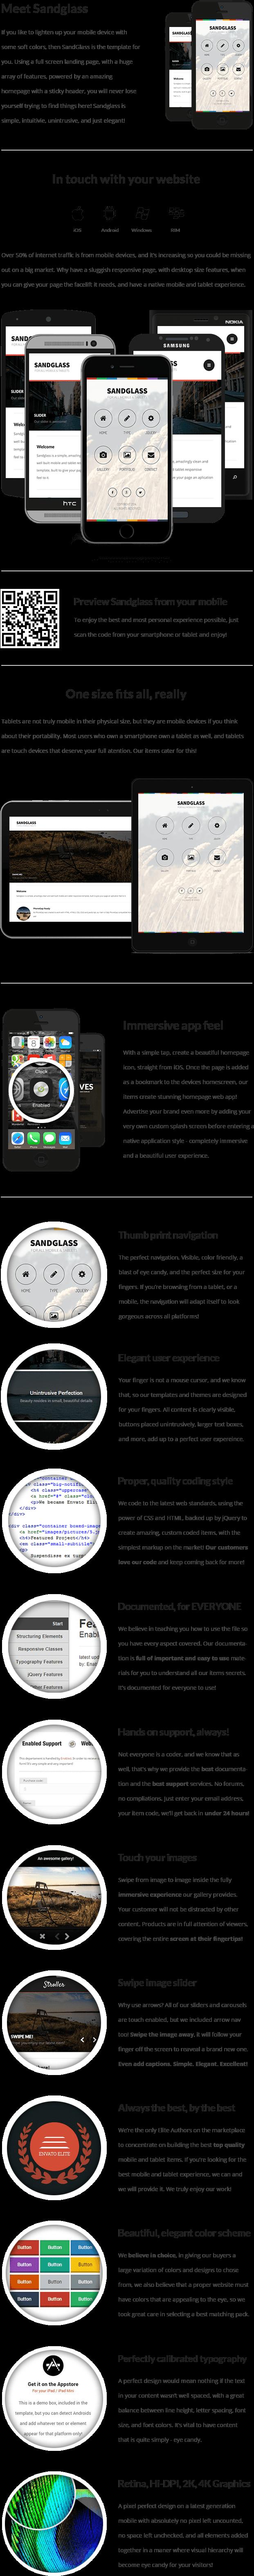 Sandglass Mobile | Mobile Template - 8